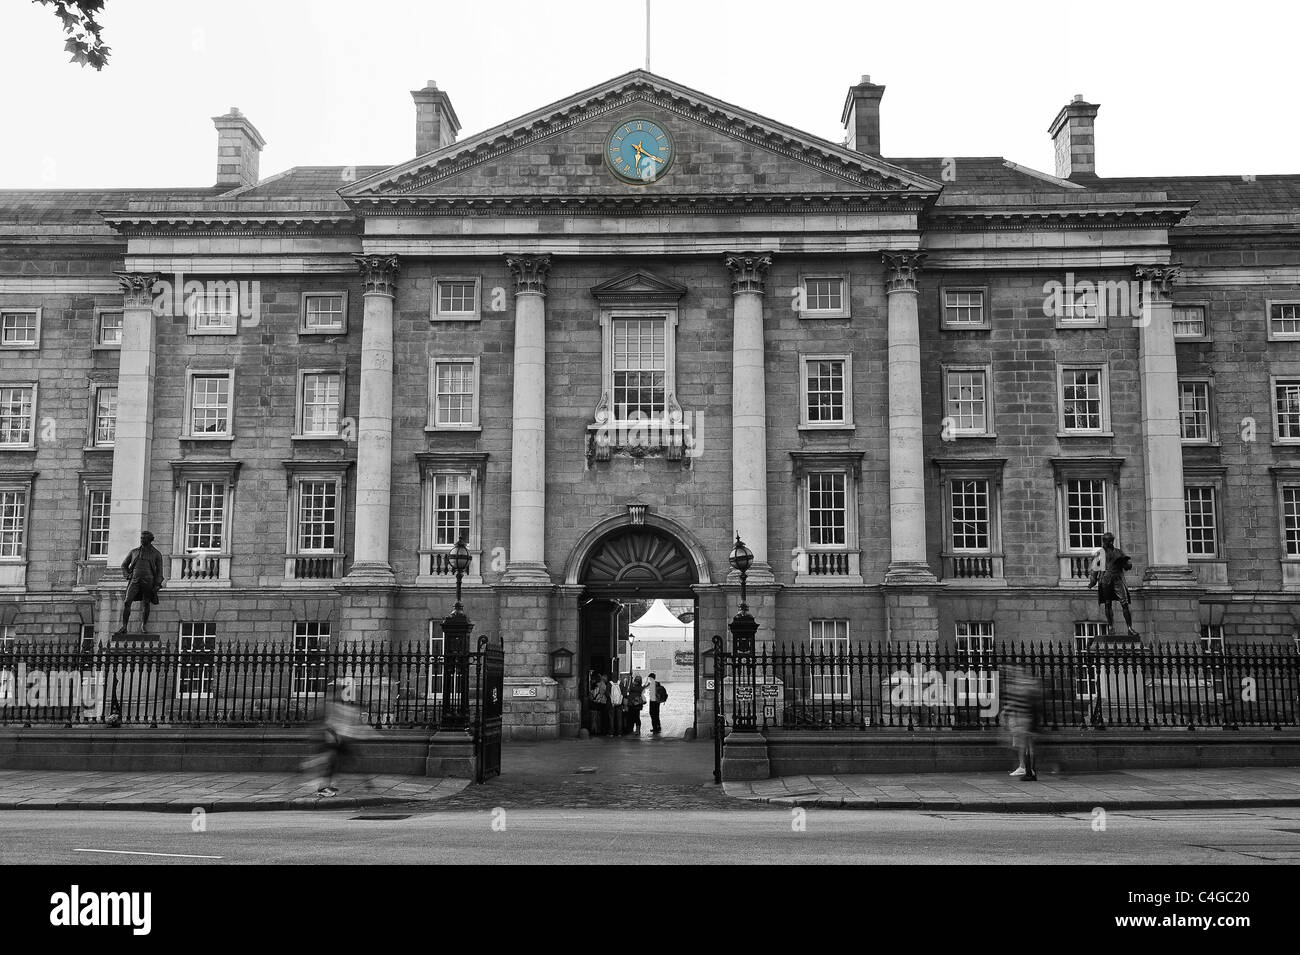 Trinity college - Stock Image